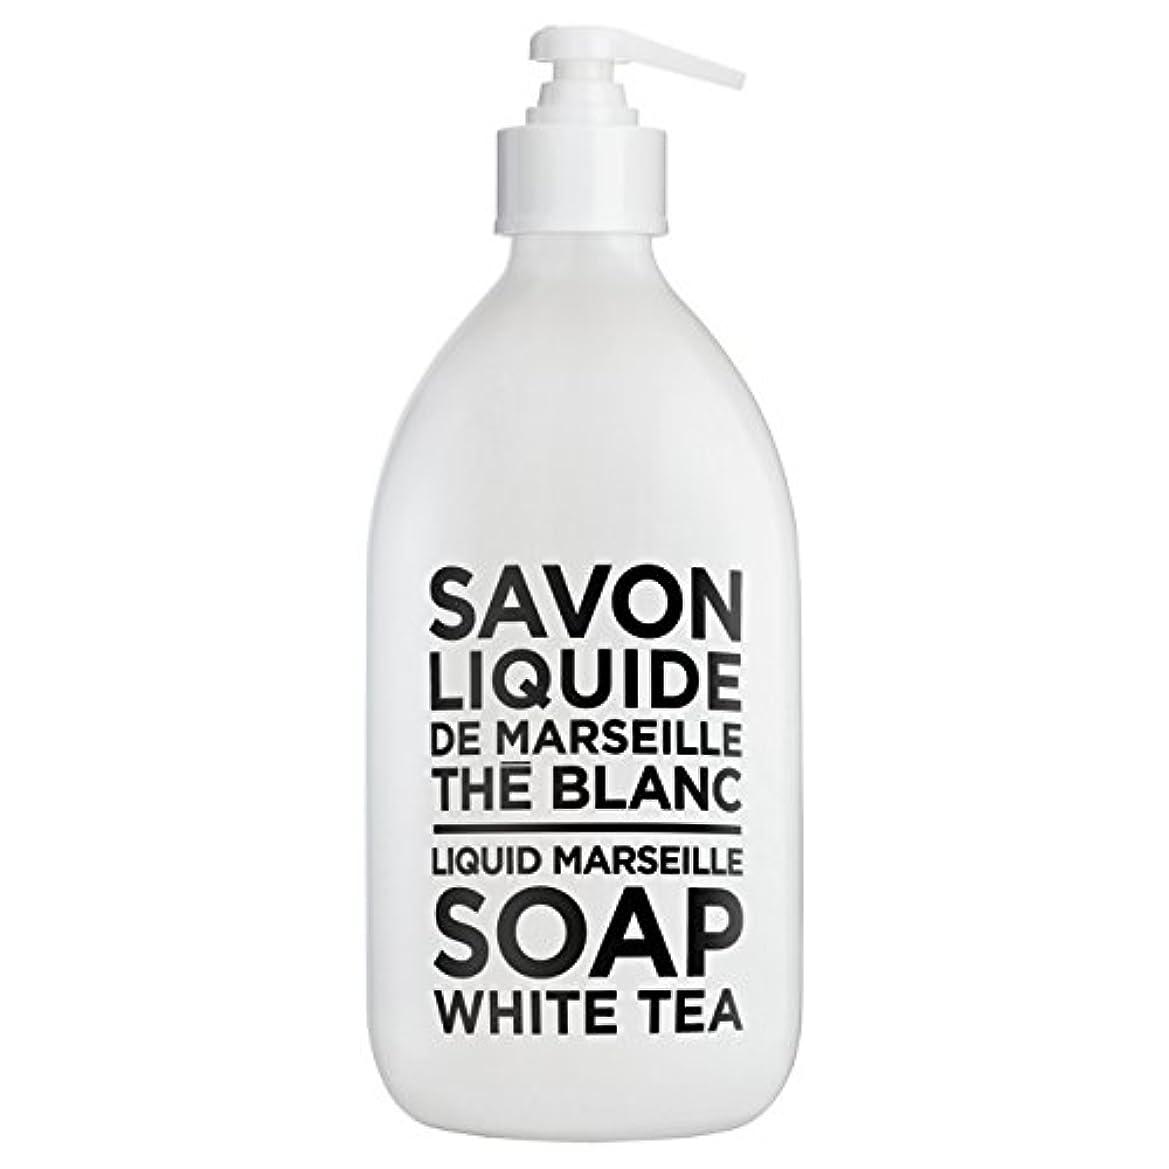 影響力のある検索びっくりするカンパニードプロバンス ブラック&ホワイト リキッドソープ ホワイトティー(ホワイトティーにシトラスを添えた気品ある香り) 500ml